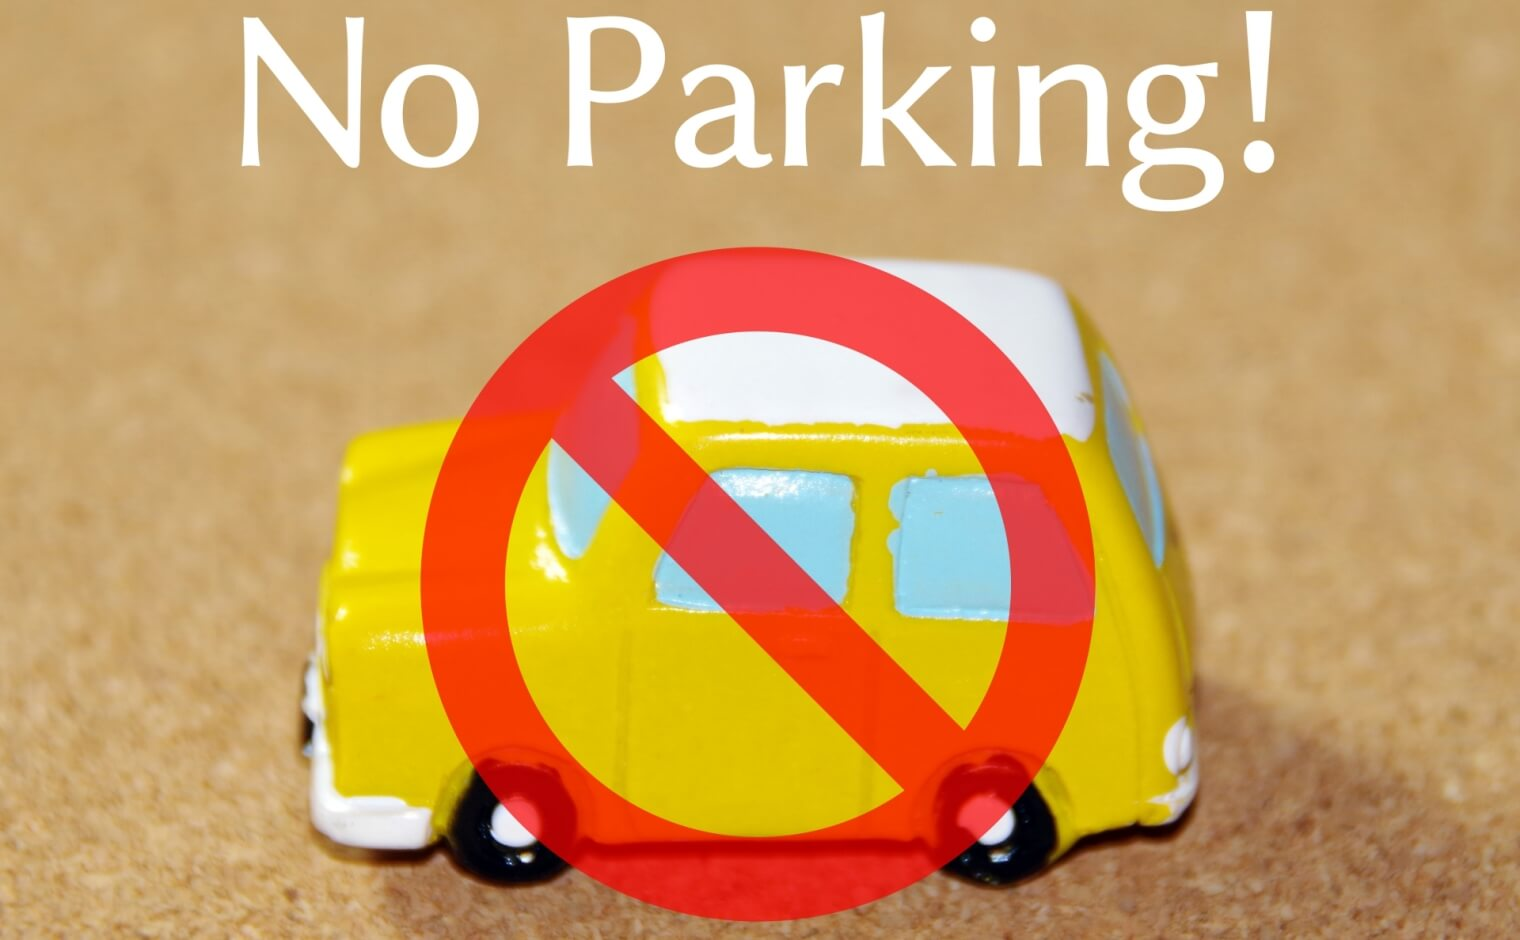 駐車と停車の定義